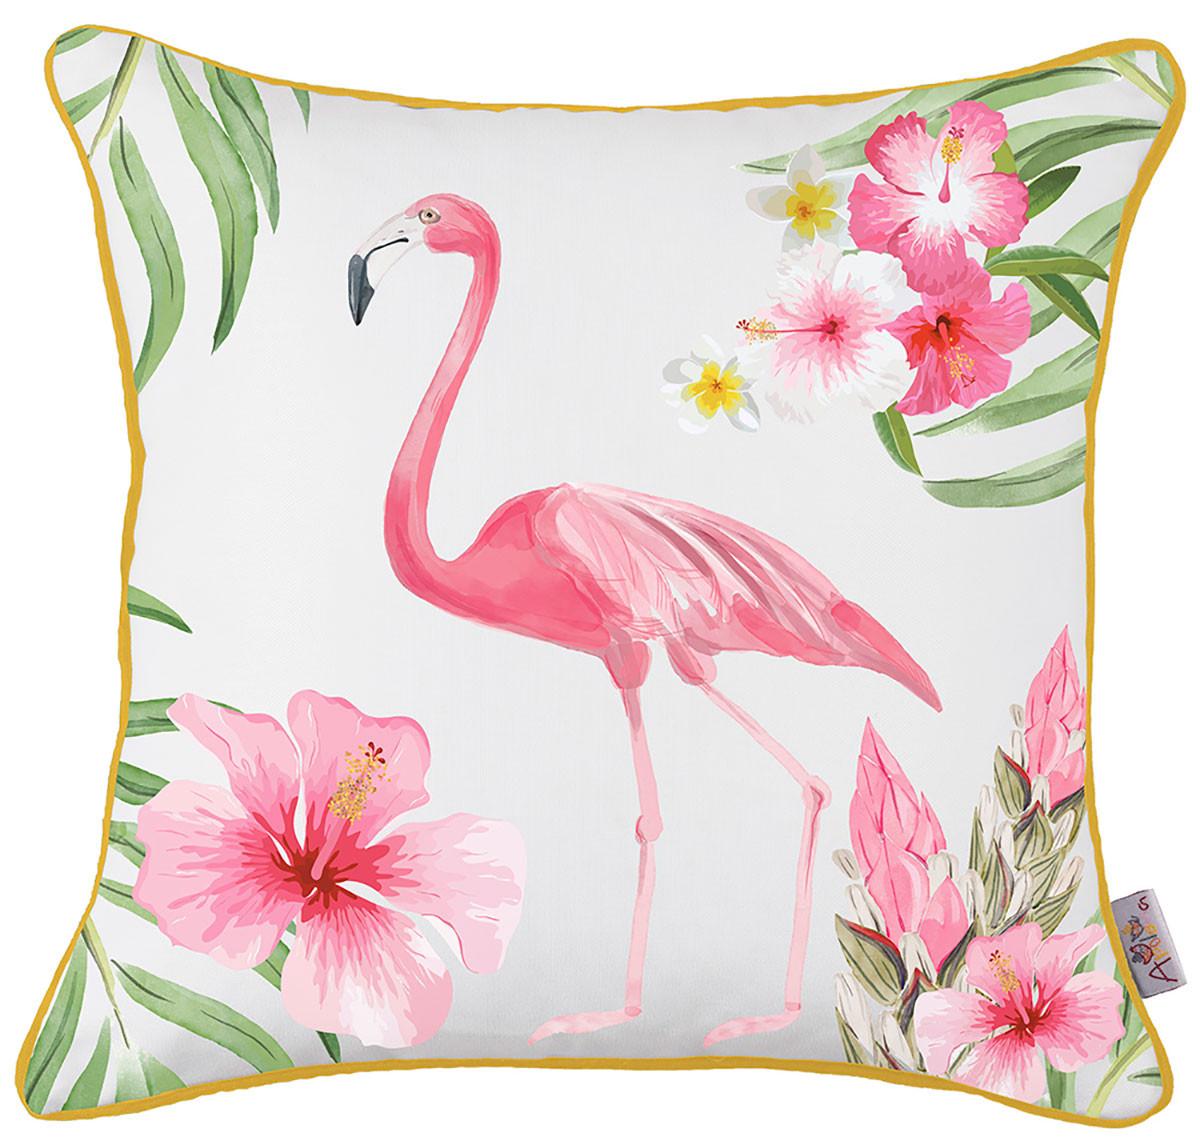 Διακοσμητική Μαξιλαροθήκη (43×43) Apolena Flamingo Rose 702-5895/1